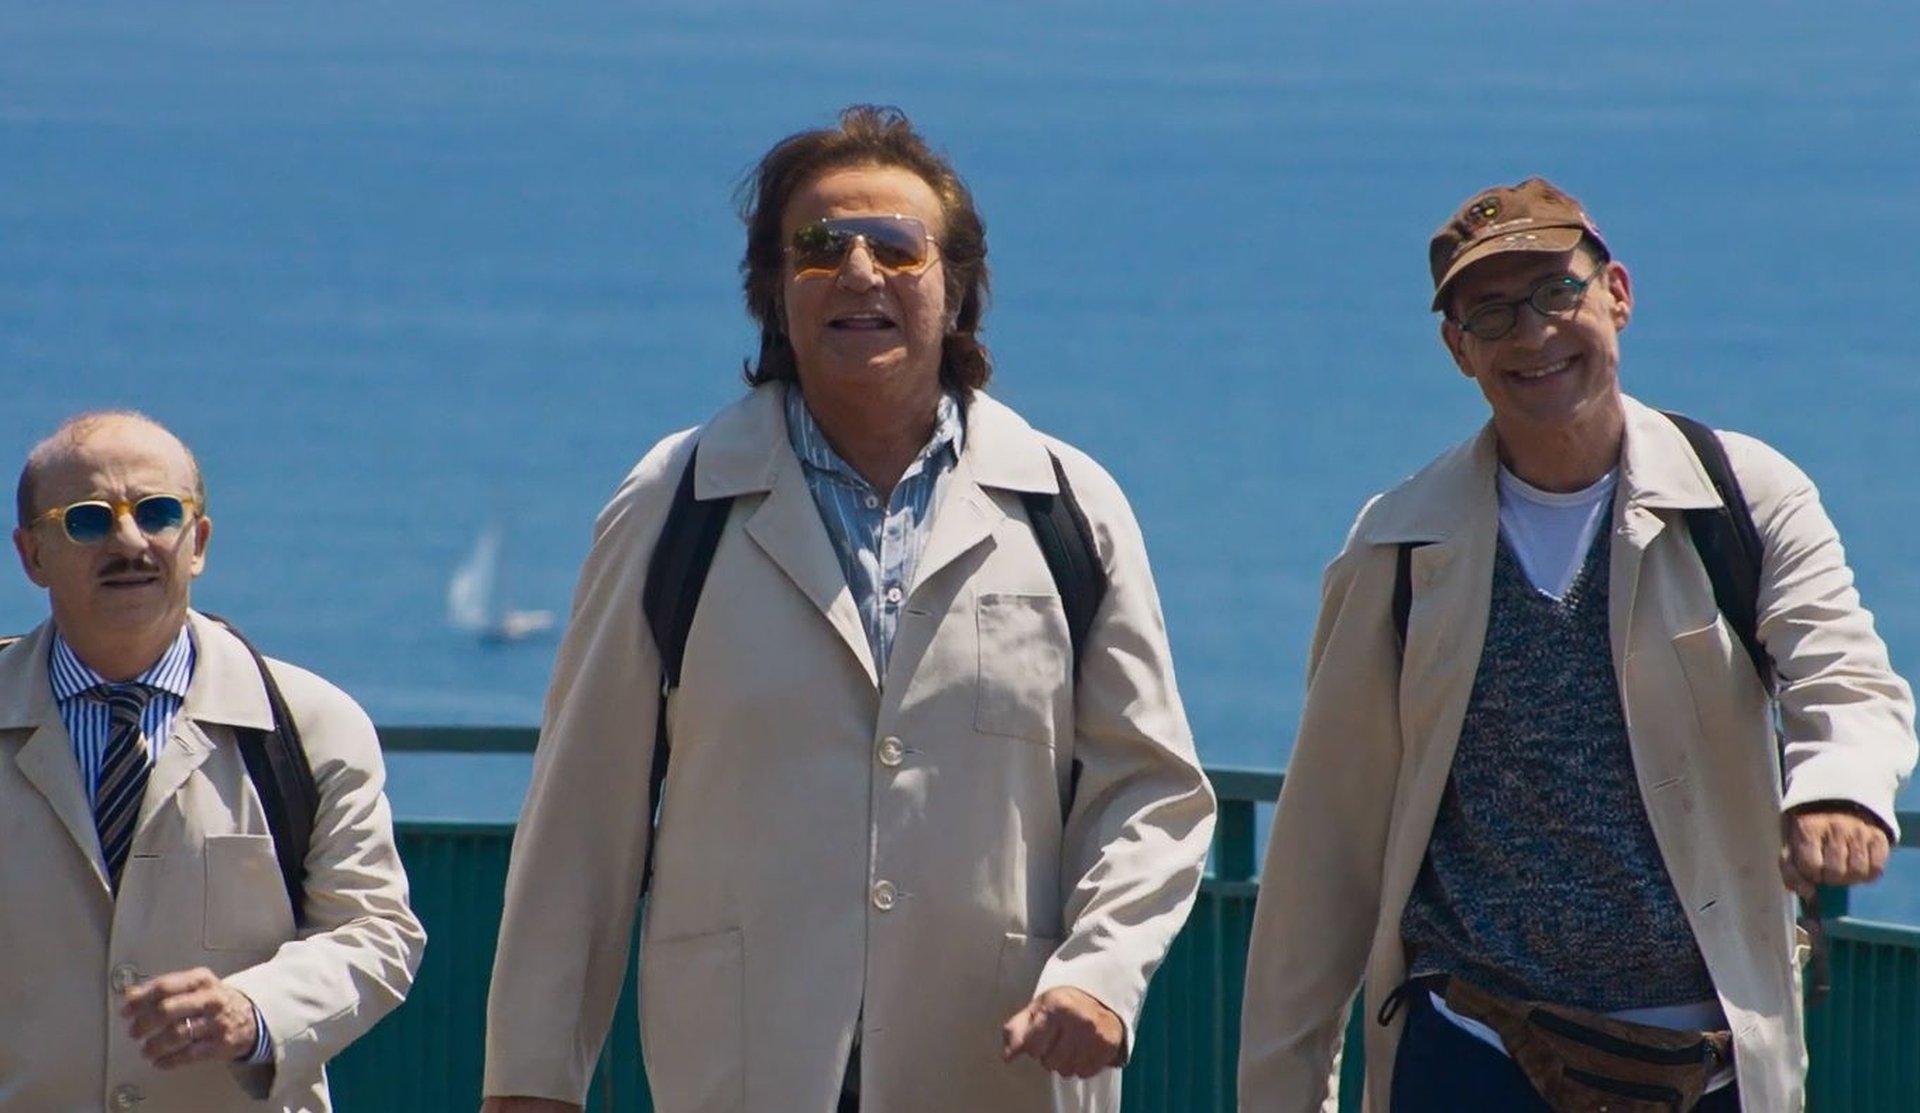 Sono solo fantasmi: il trailer del nuovo film di Christian De Sica